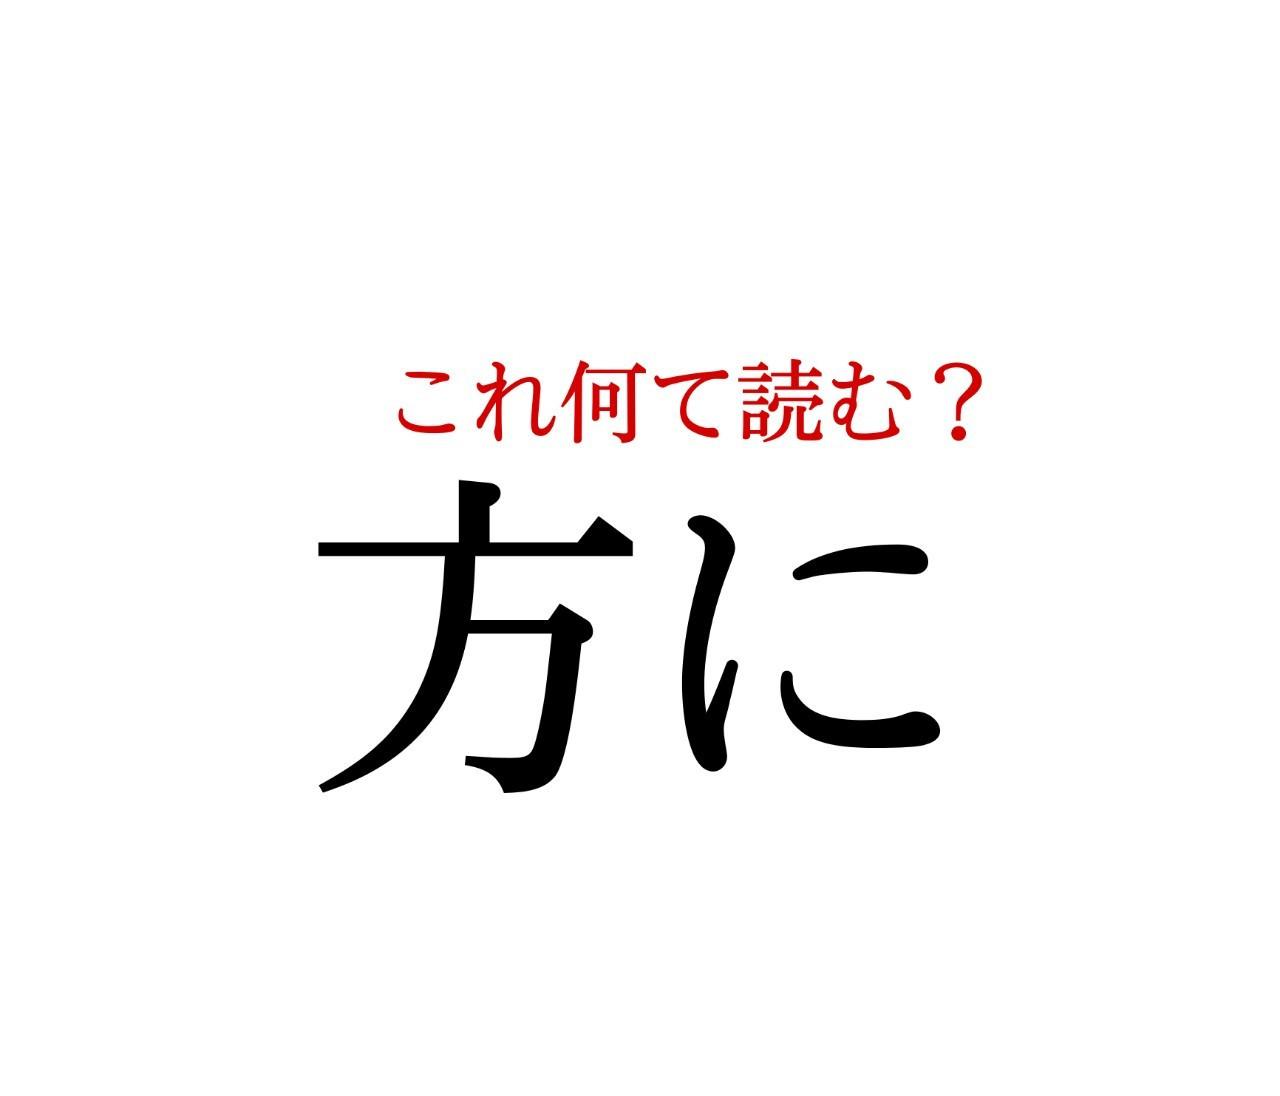 「方に」:この漢字、自信を持って読めますか?【働く大人の漢字クイズvol.219】